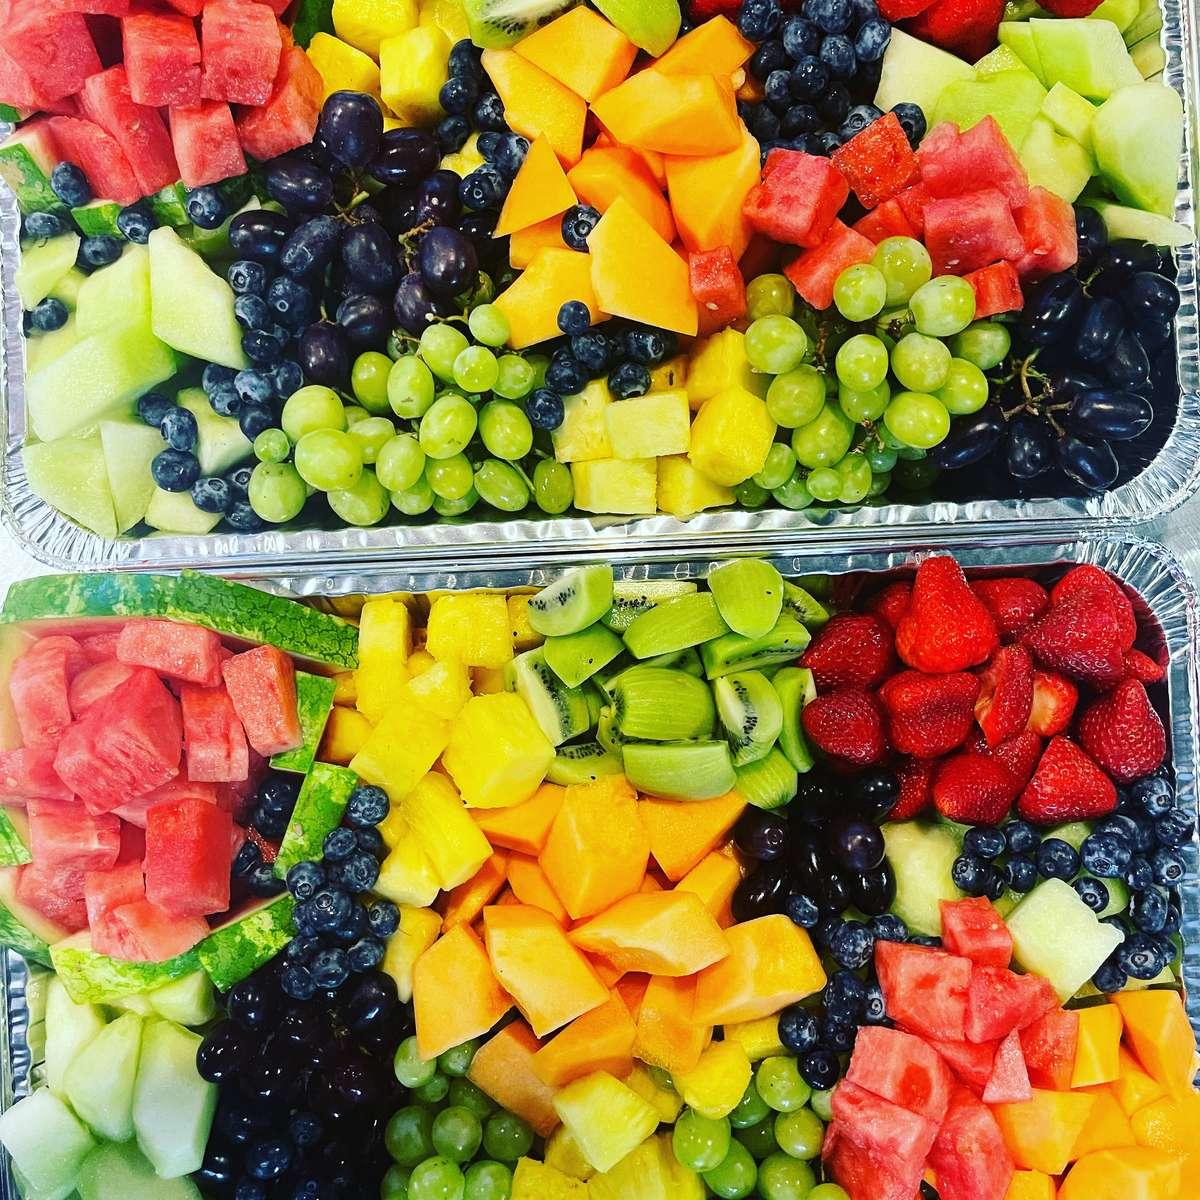 Fruit or Vegetable Platter